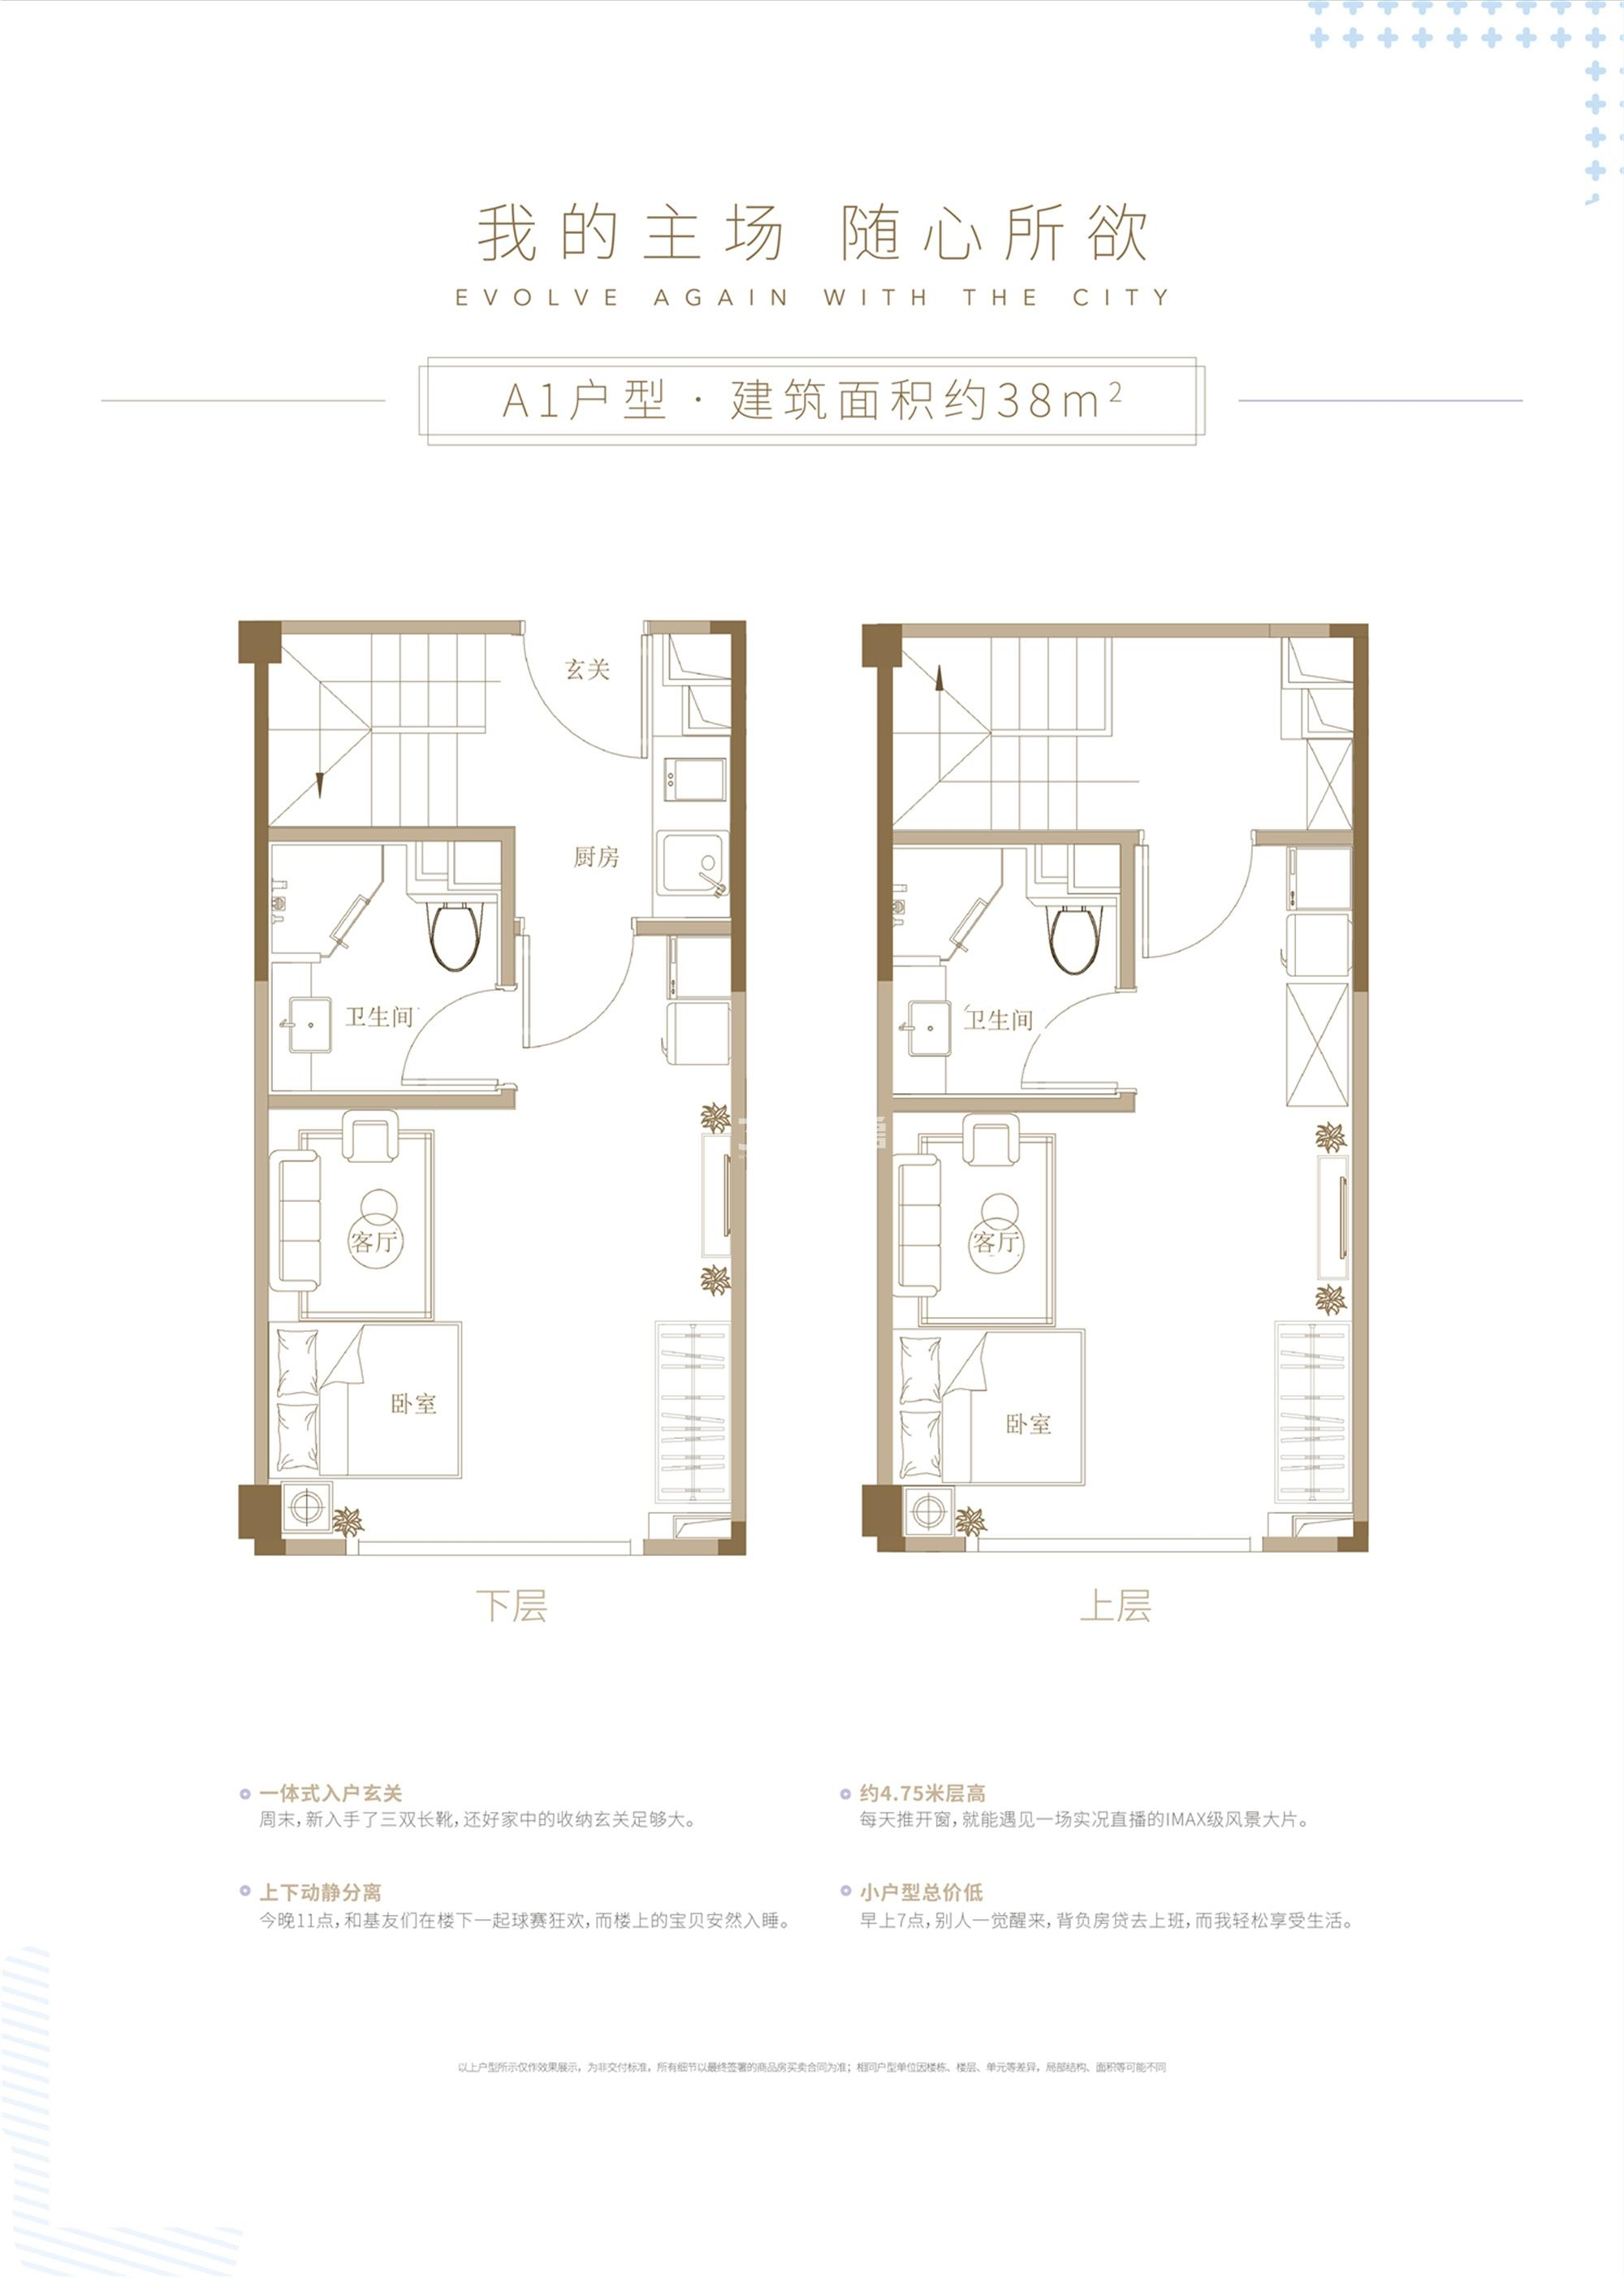 杭州世茂泰禾中央广场A1户型38方双钥匙设计